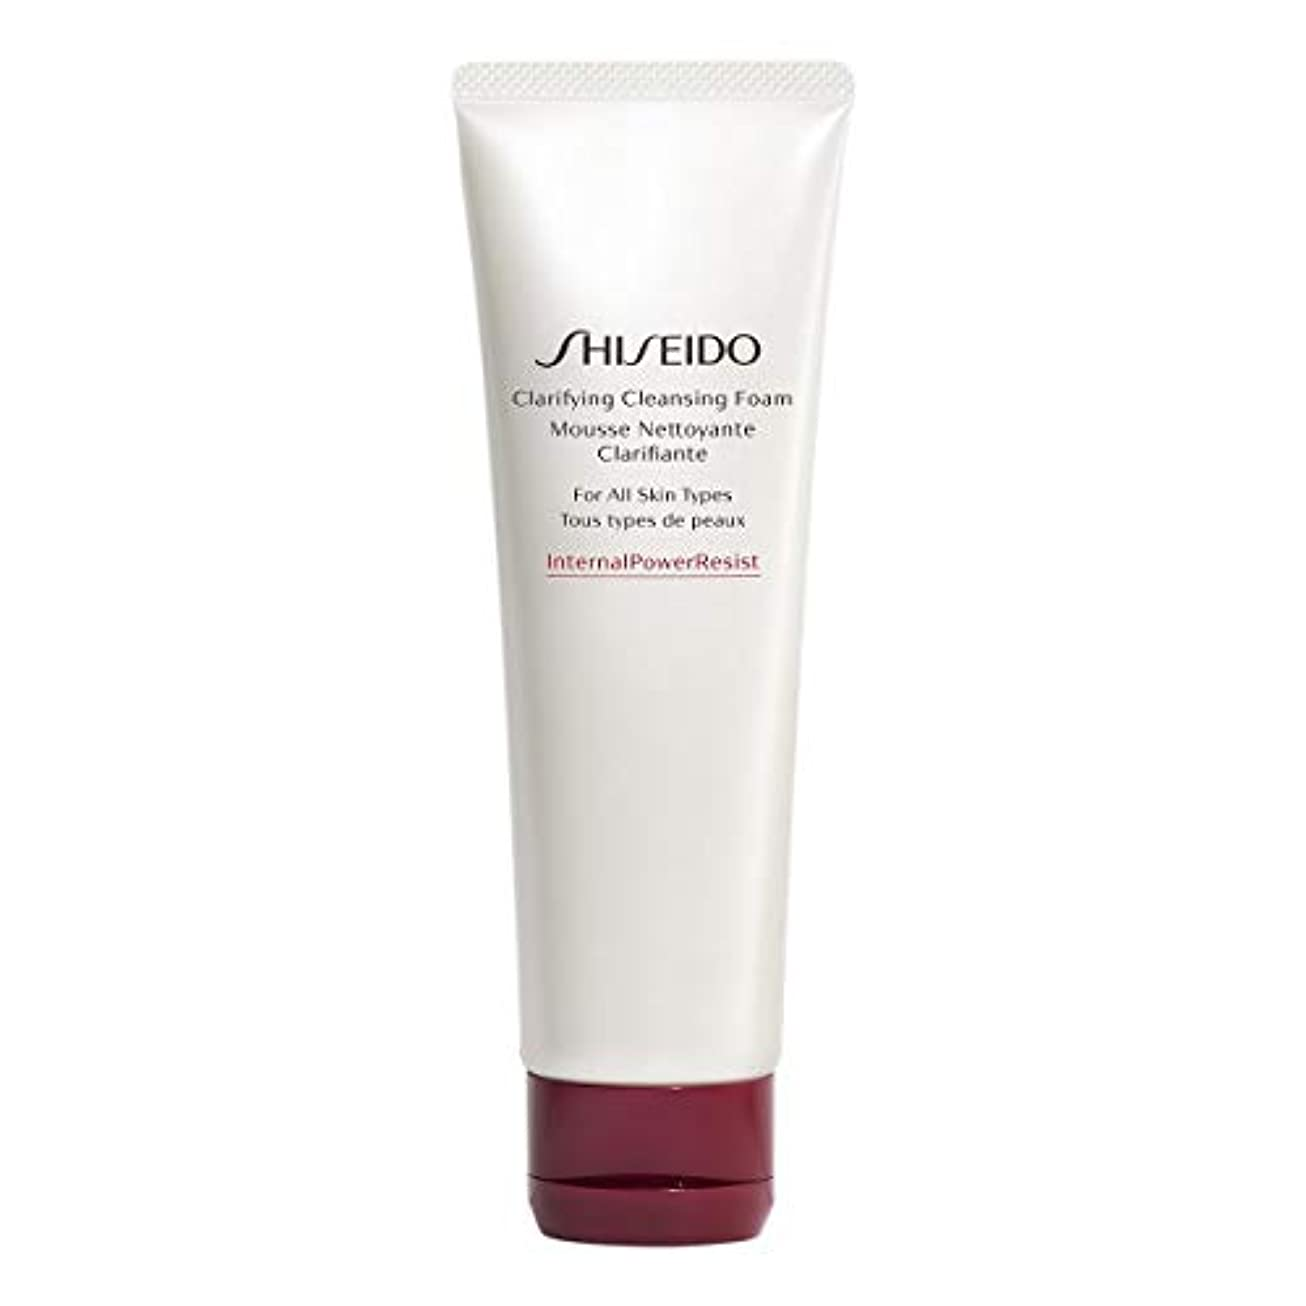 買収やりすぎ系統的資生堂 Defend Beauty Clarifying Cleansing Foam 125ml/4.6oz並行輸入品